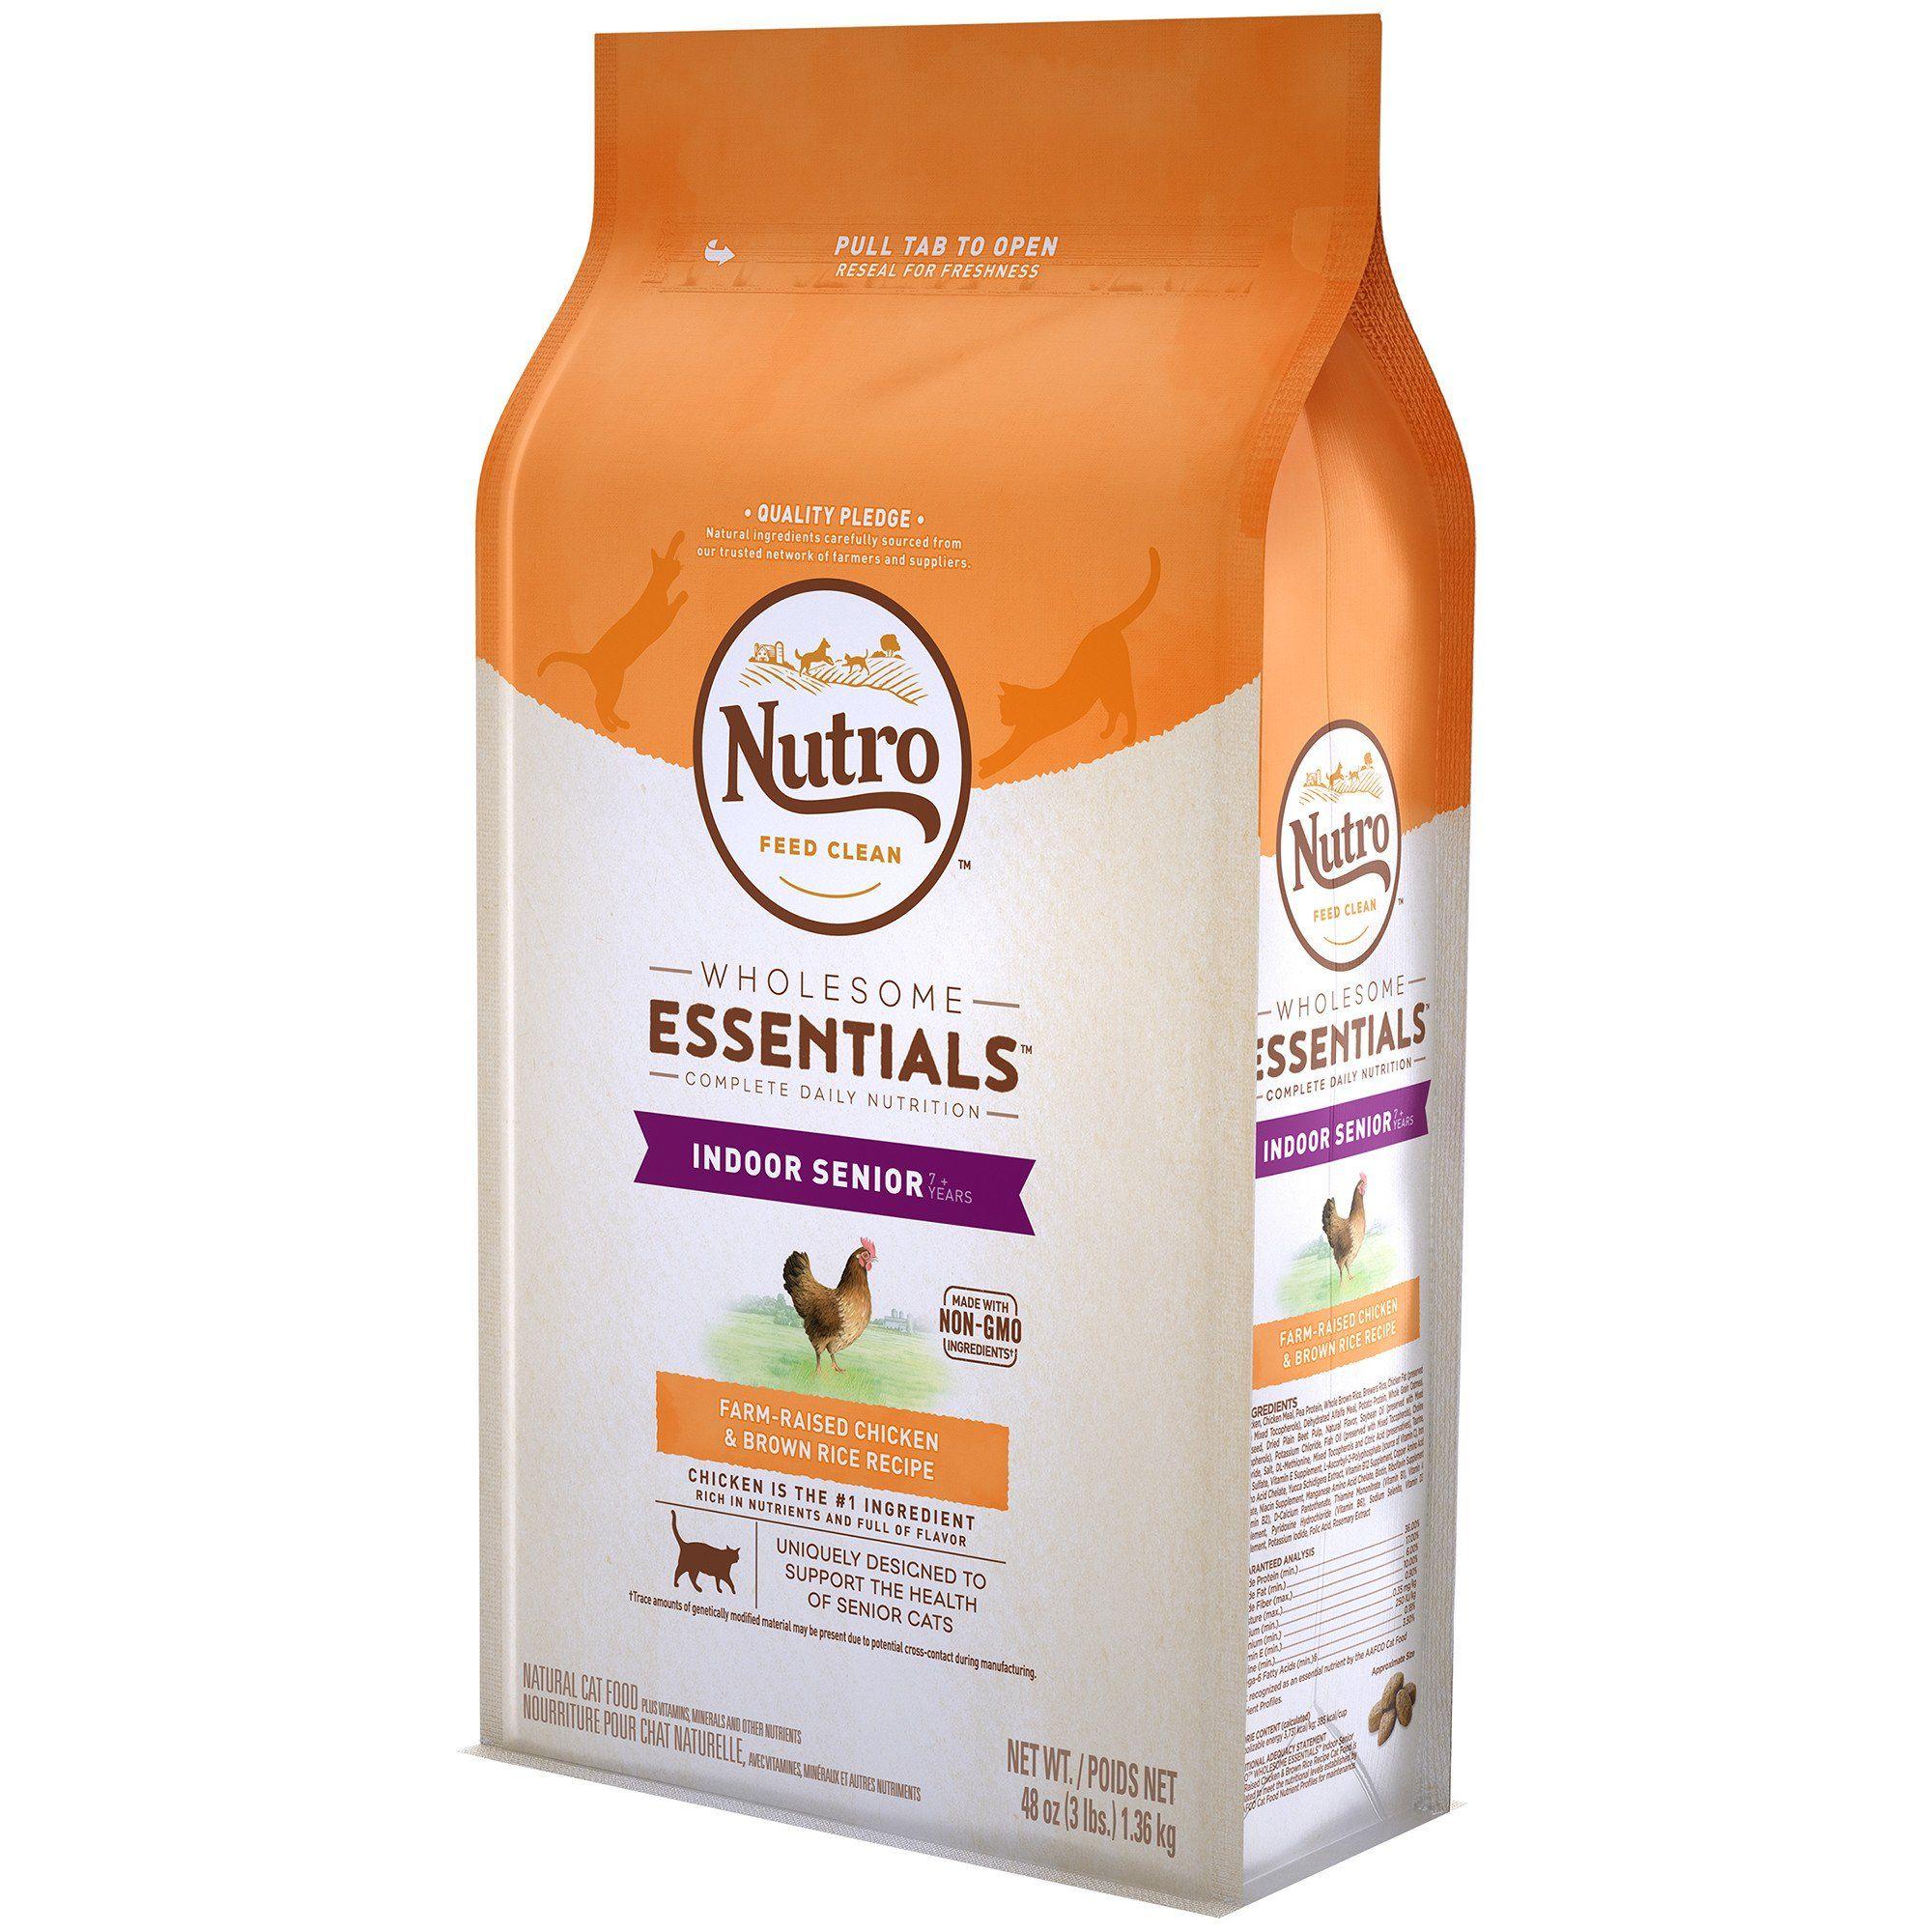 Nutro Wholesome Essentials Senior Indoor for Healthy